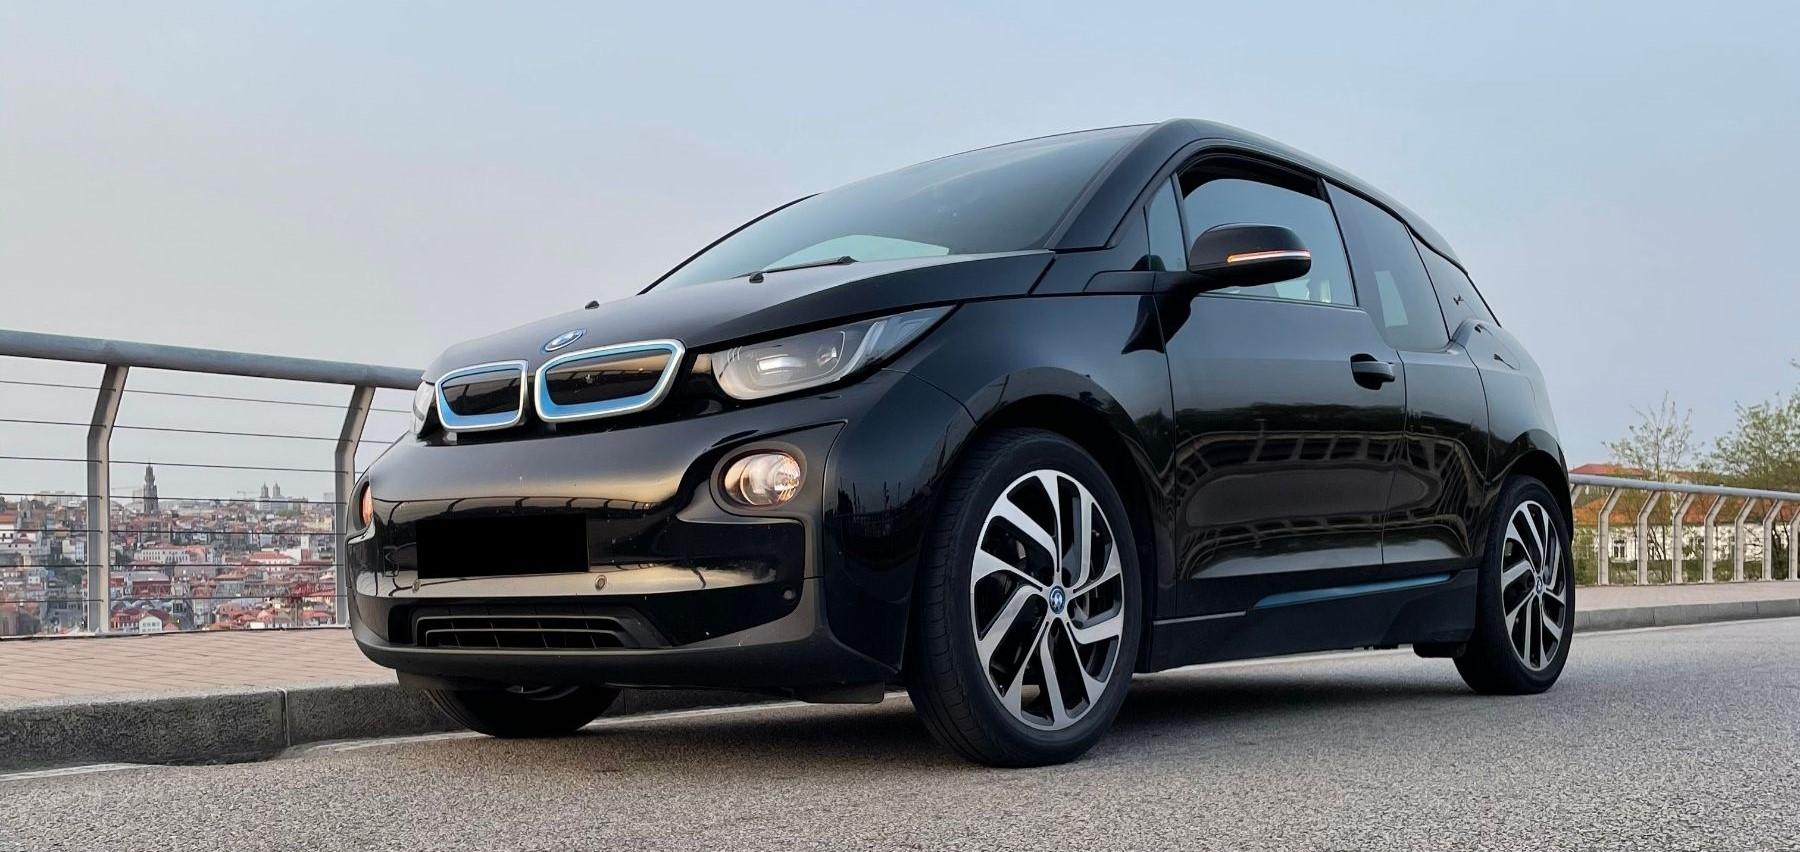 Veículo elétrico: o carregamento para a sustentabilidade?